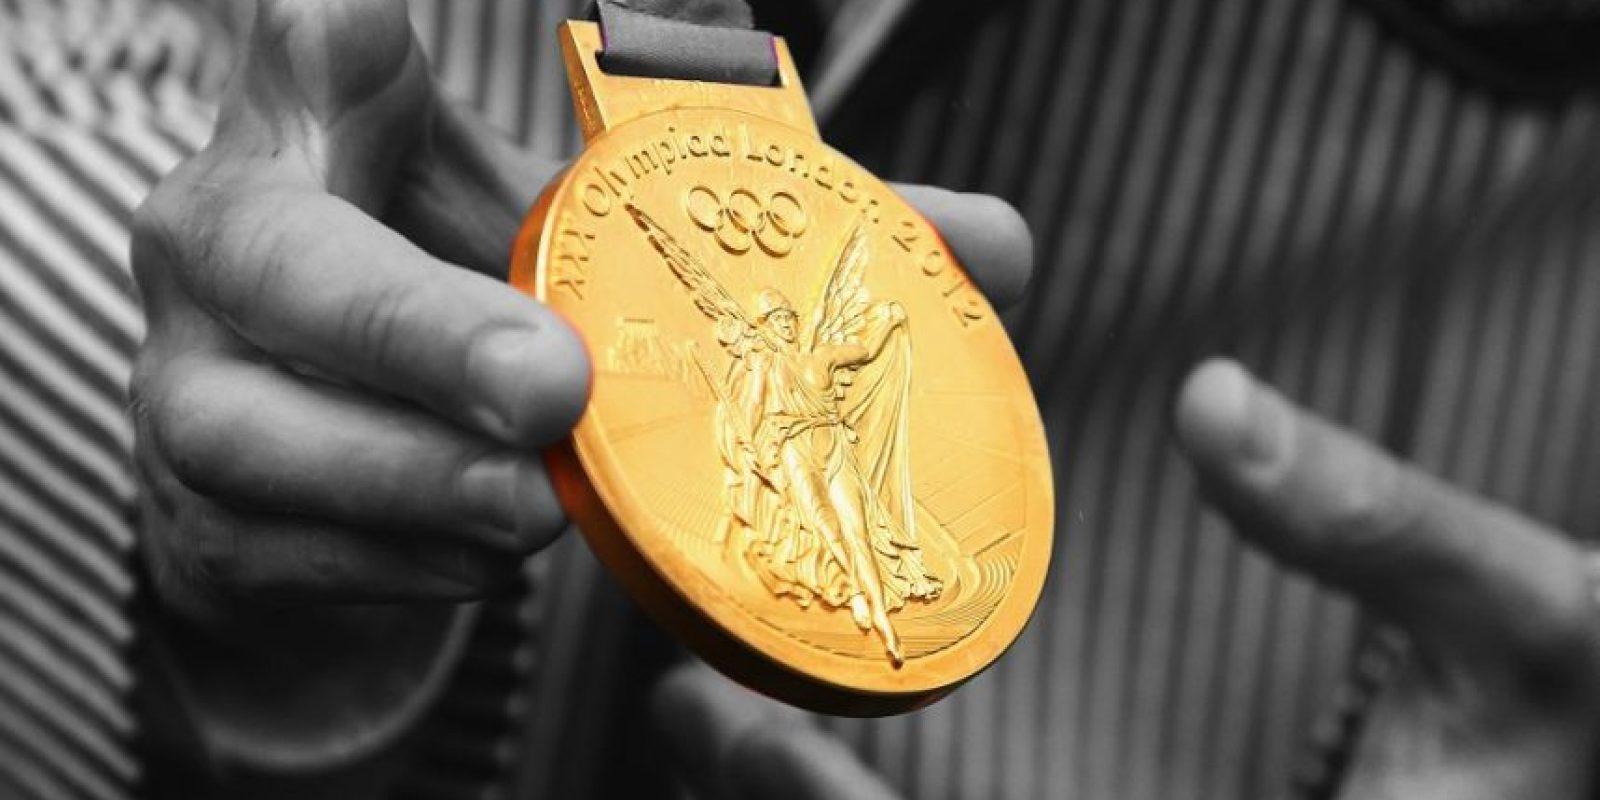 Esta es la medalla de oro para los primeros lugares de las diferentes competencias de los Juegos Olímpicos Río 2016. Foto: GETTY